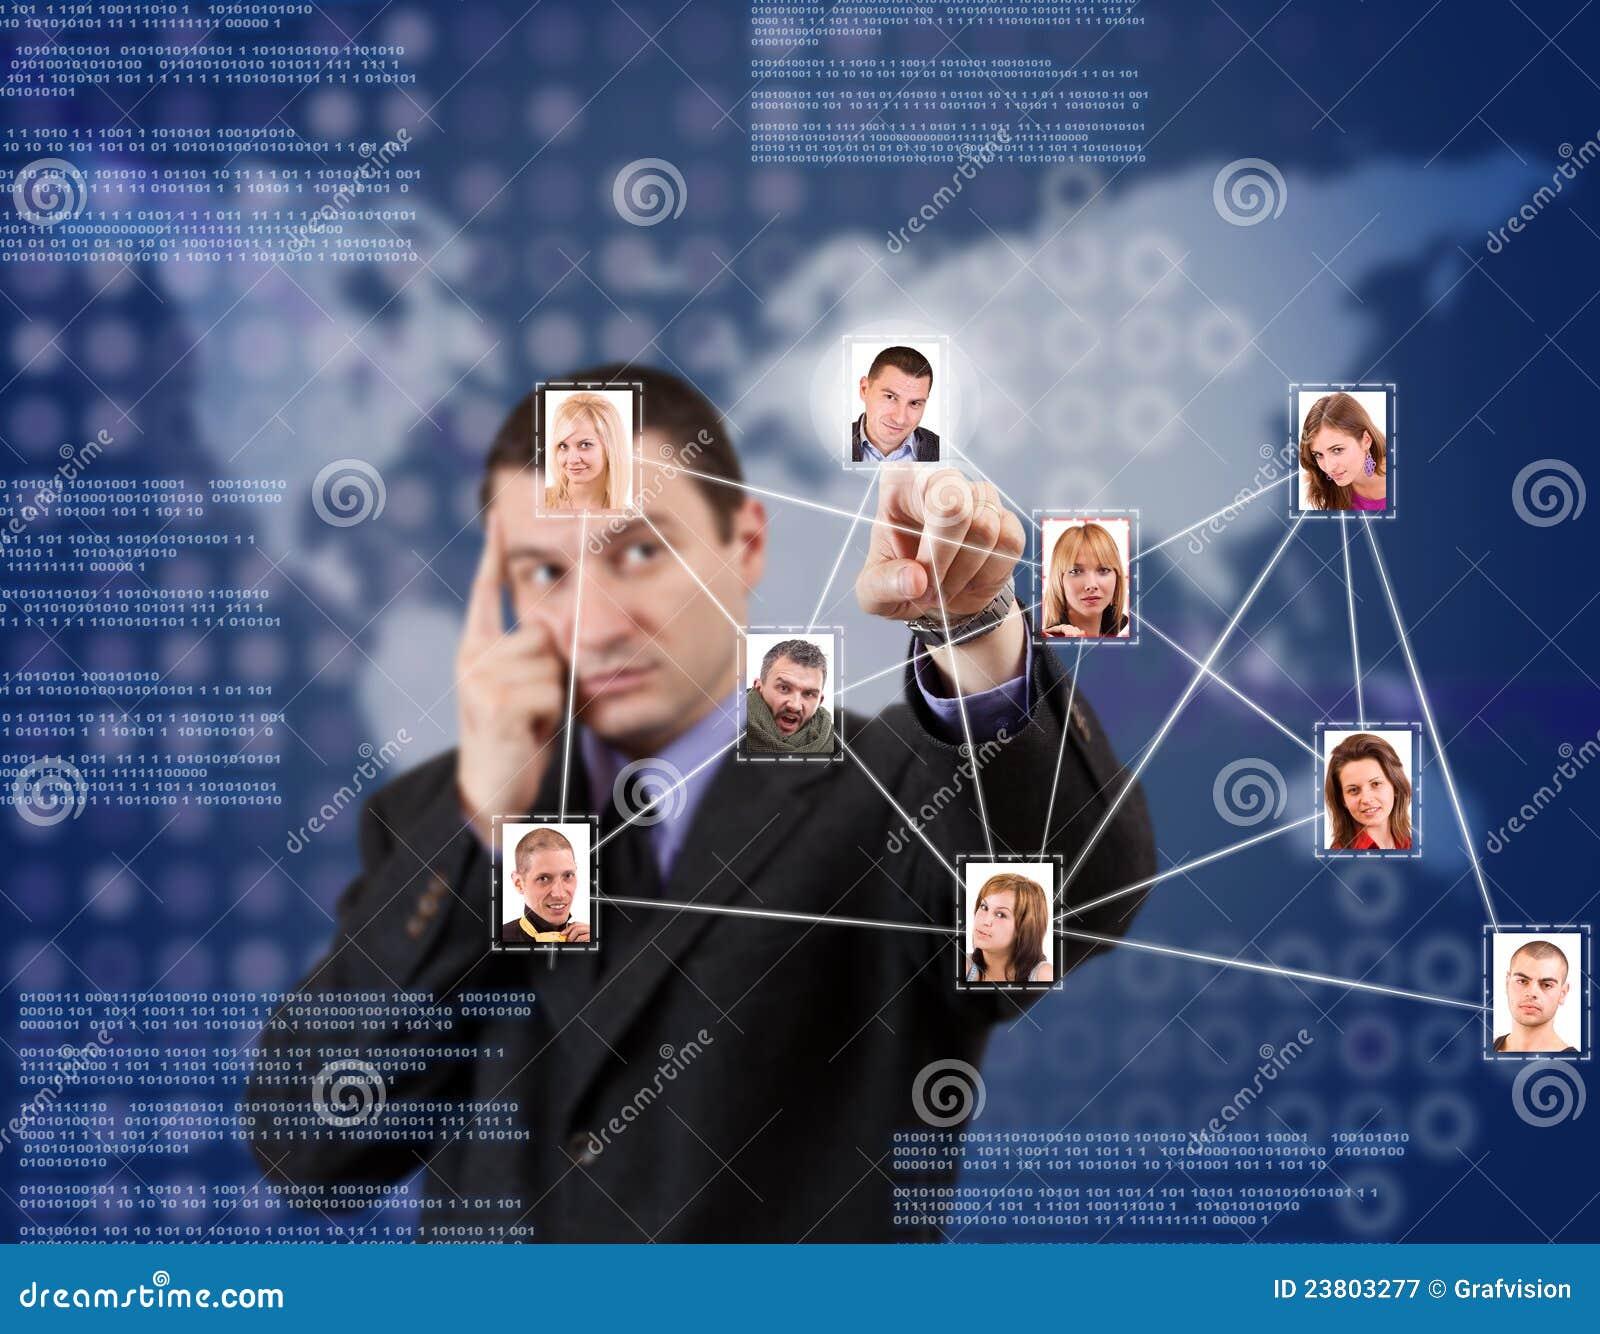 Sozialnetz im blauen Hintergrund